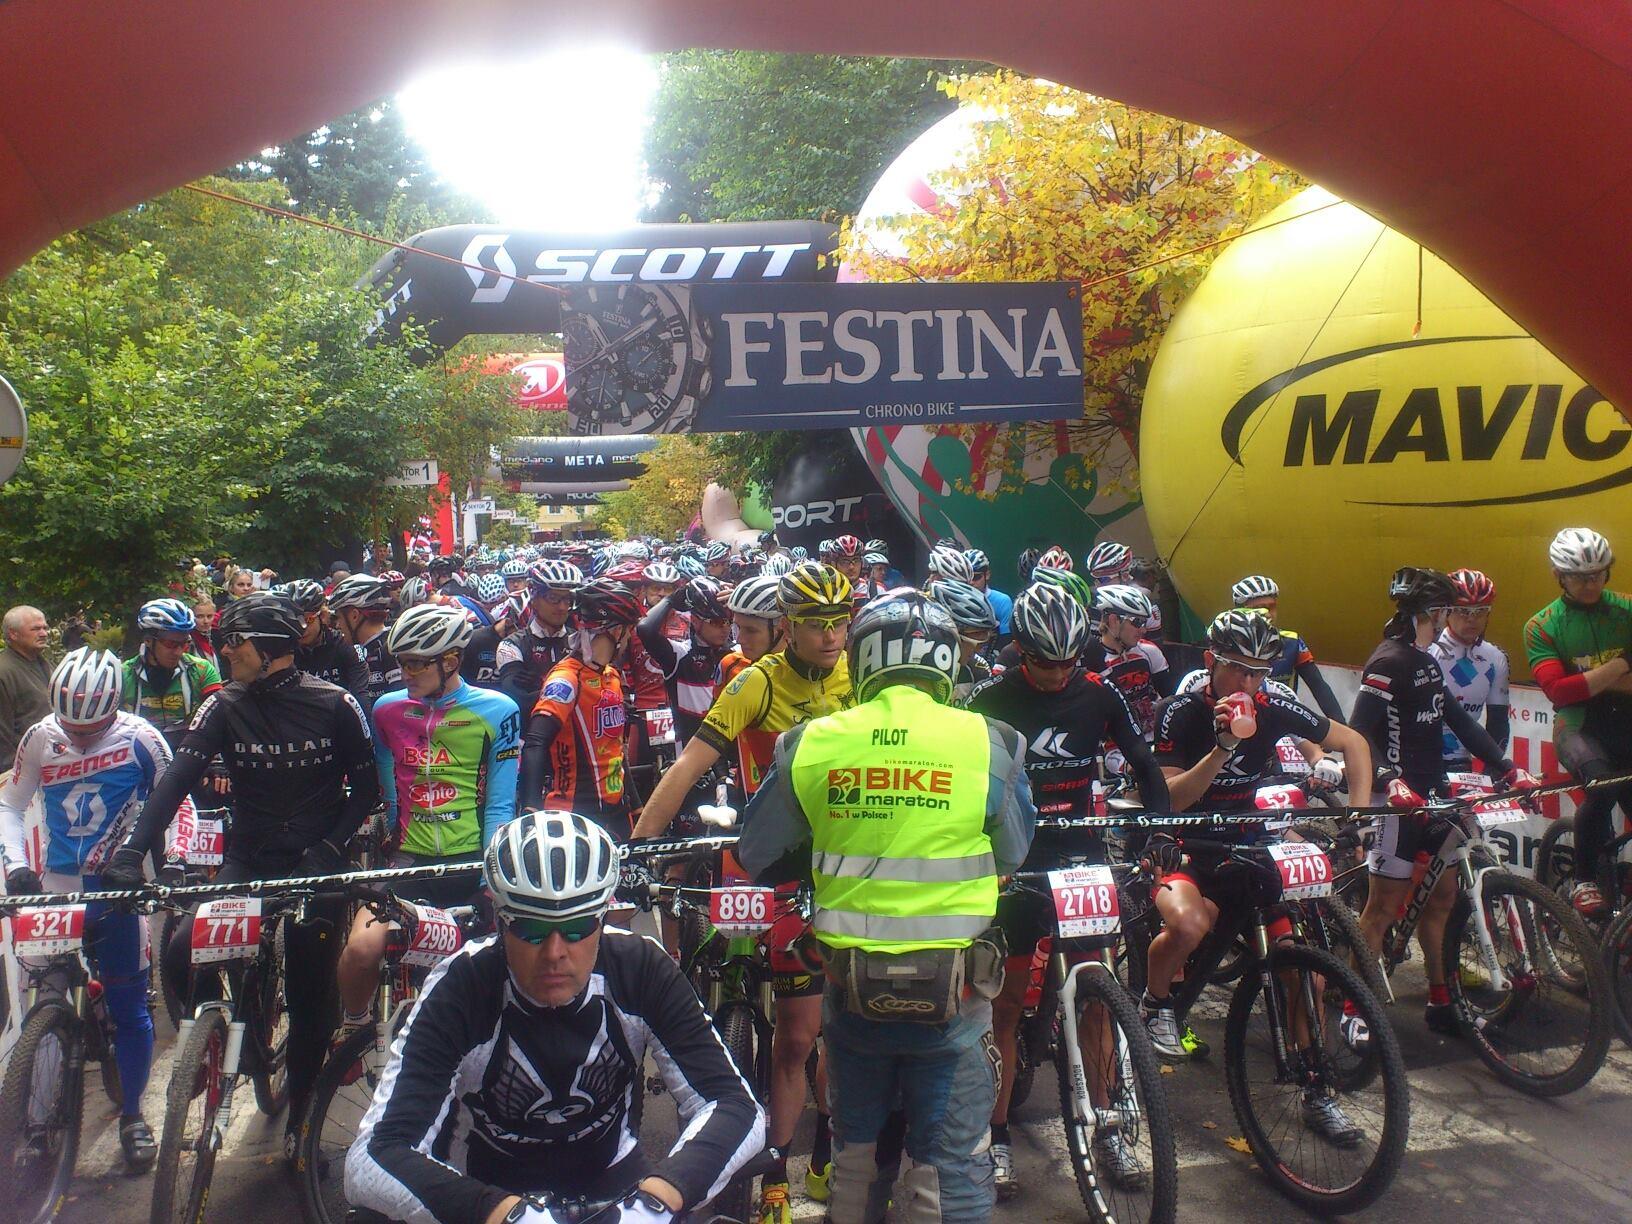 bike maraton swieradow zdroj 2013 start